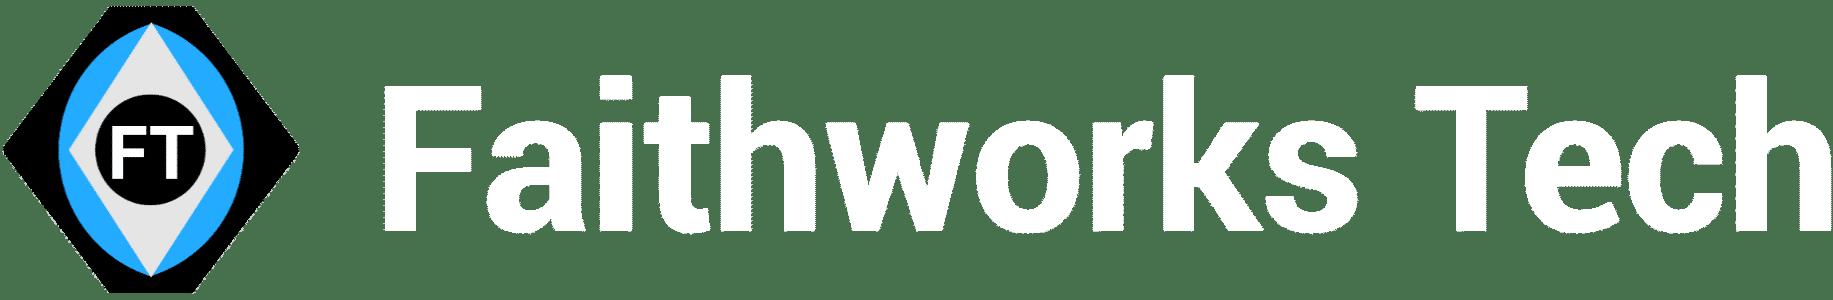 Faithworks Tech